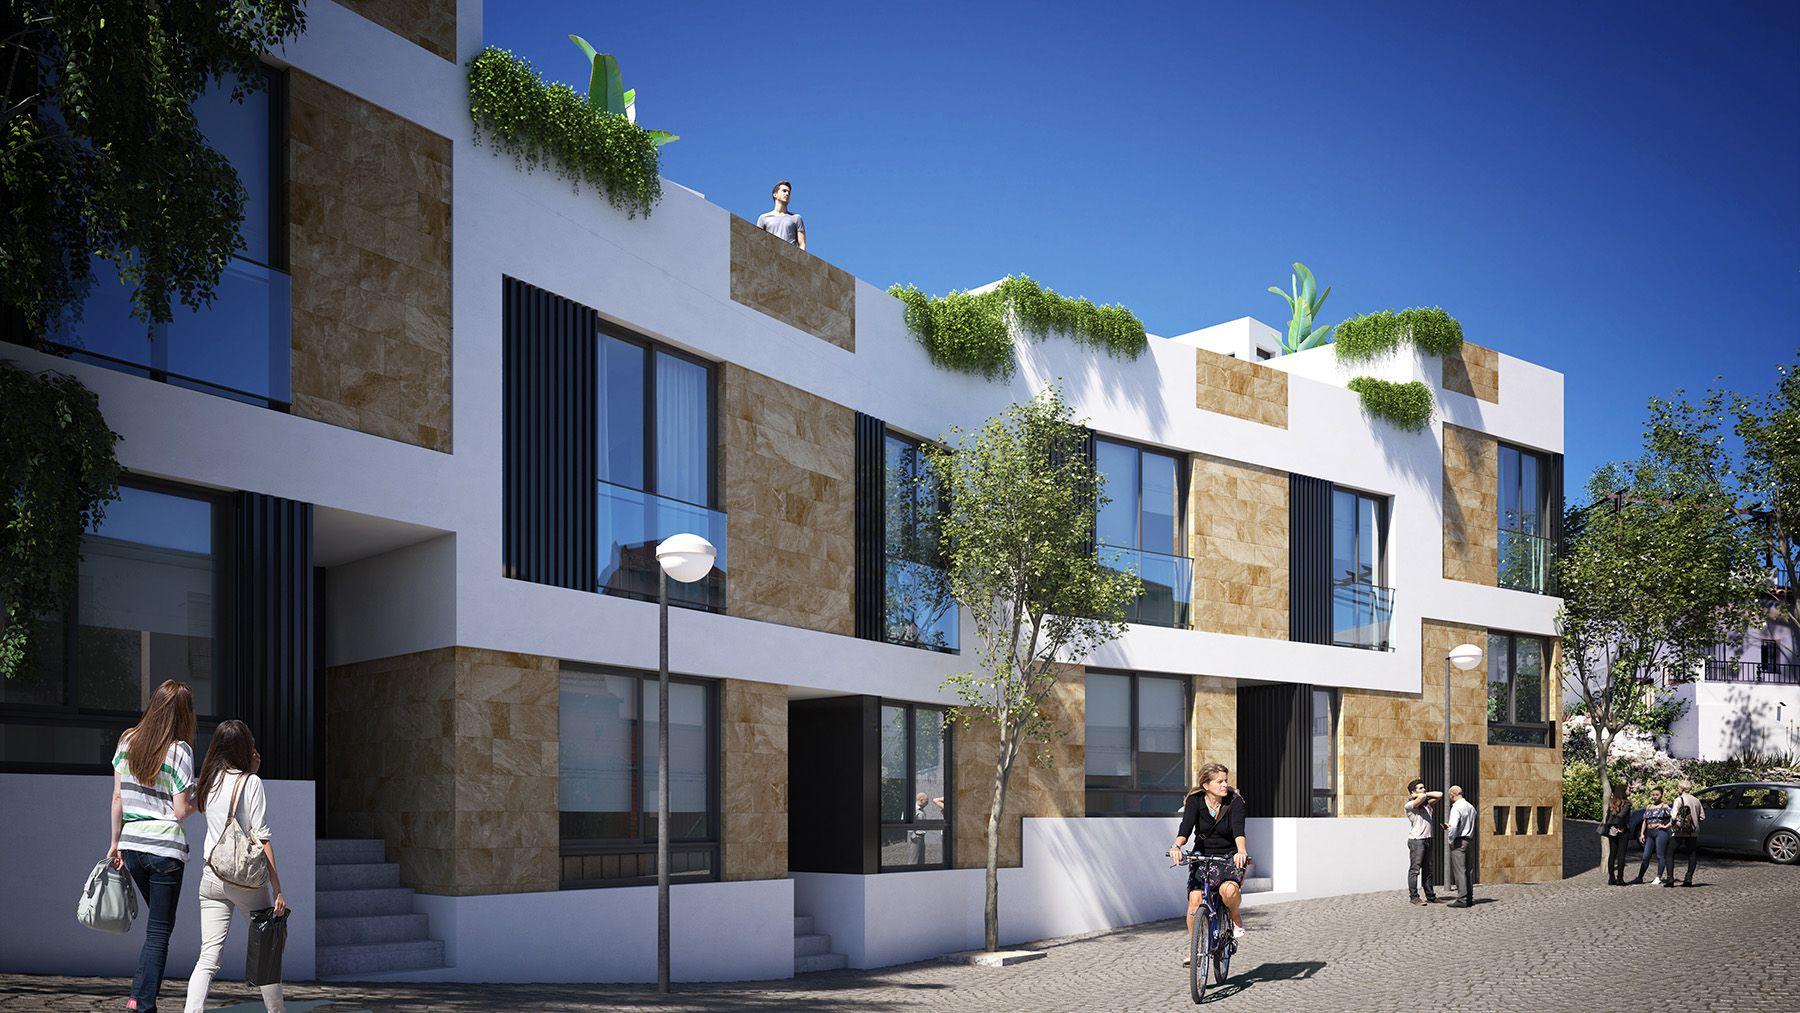 Casa adosada en Málaga, HACIENDA PAREDES, venta